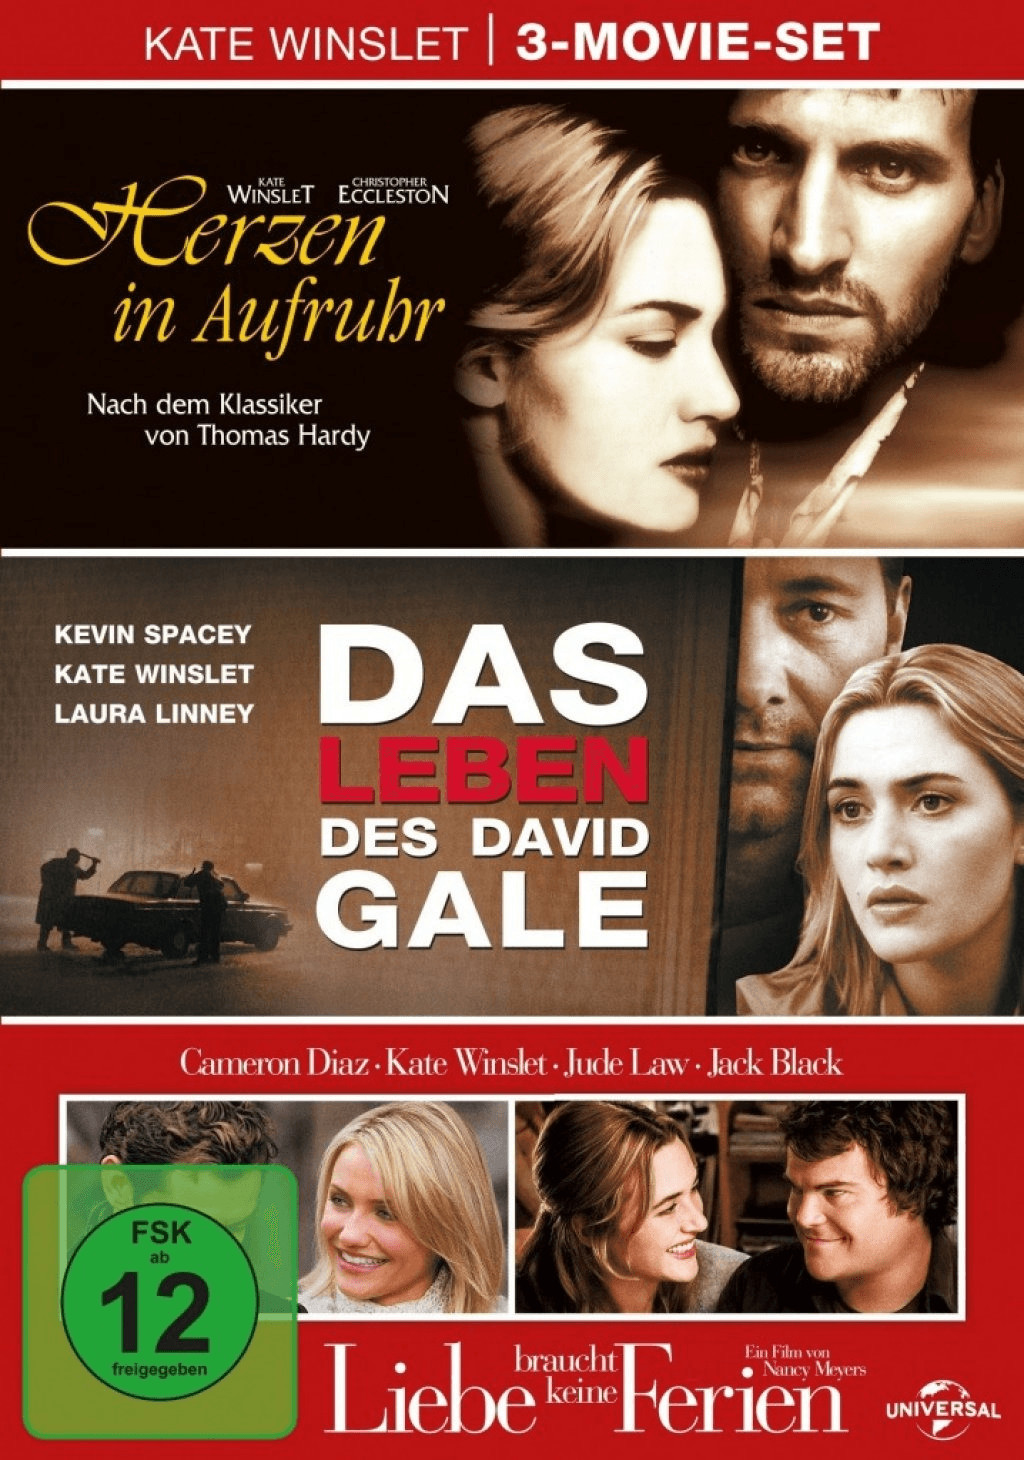 Kate Winslet - 3 Movie Set: Liebe braucht keine Ferien / Das Leben des David Gale / Herzen in Aufruhr [DVD]